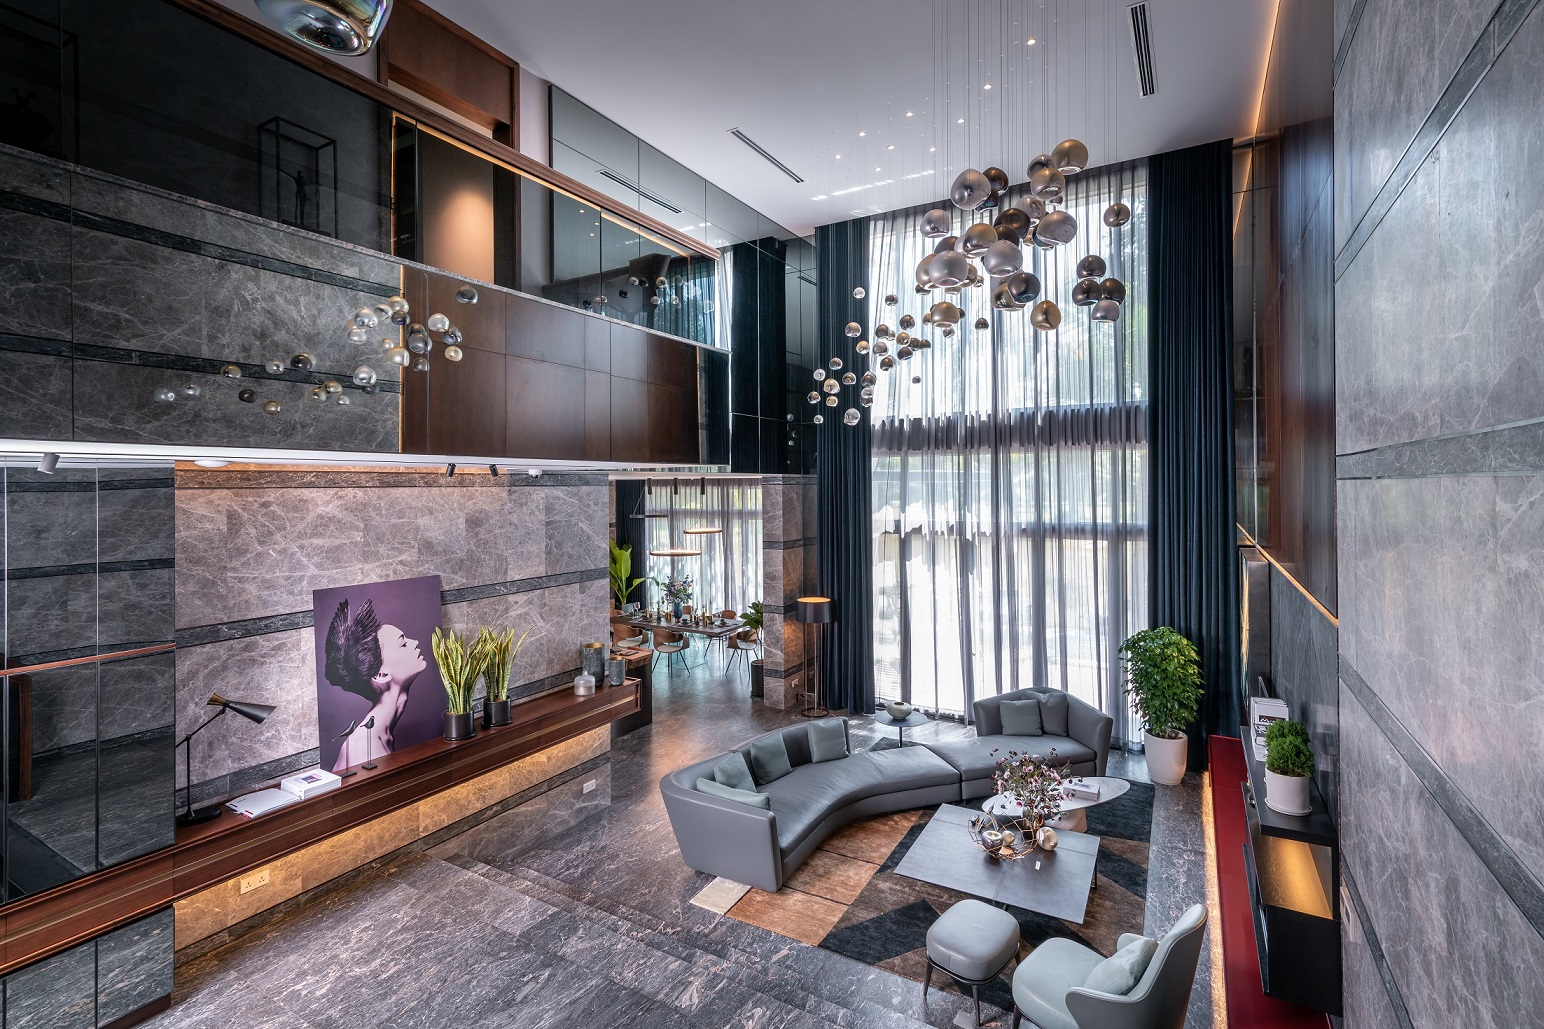 Khám phá nội thất xa xỉ của biệt thự triệu đô ở ngoại ô Hà Nội 2